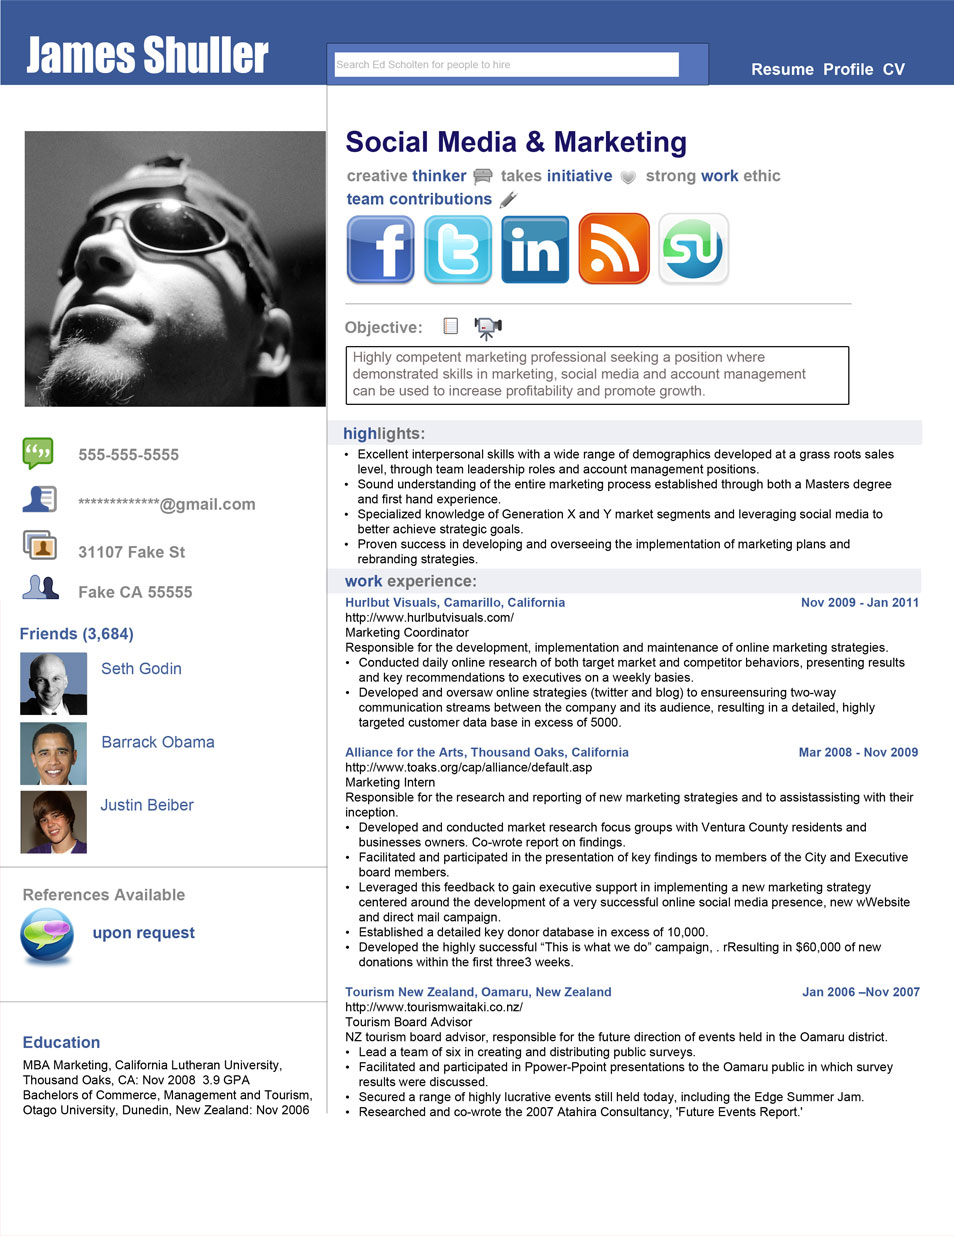 online creative resume builder modaoxus wonderful resume sample online creative resume builder online creative resume generator sample customer service online creative resume generator portfolio